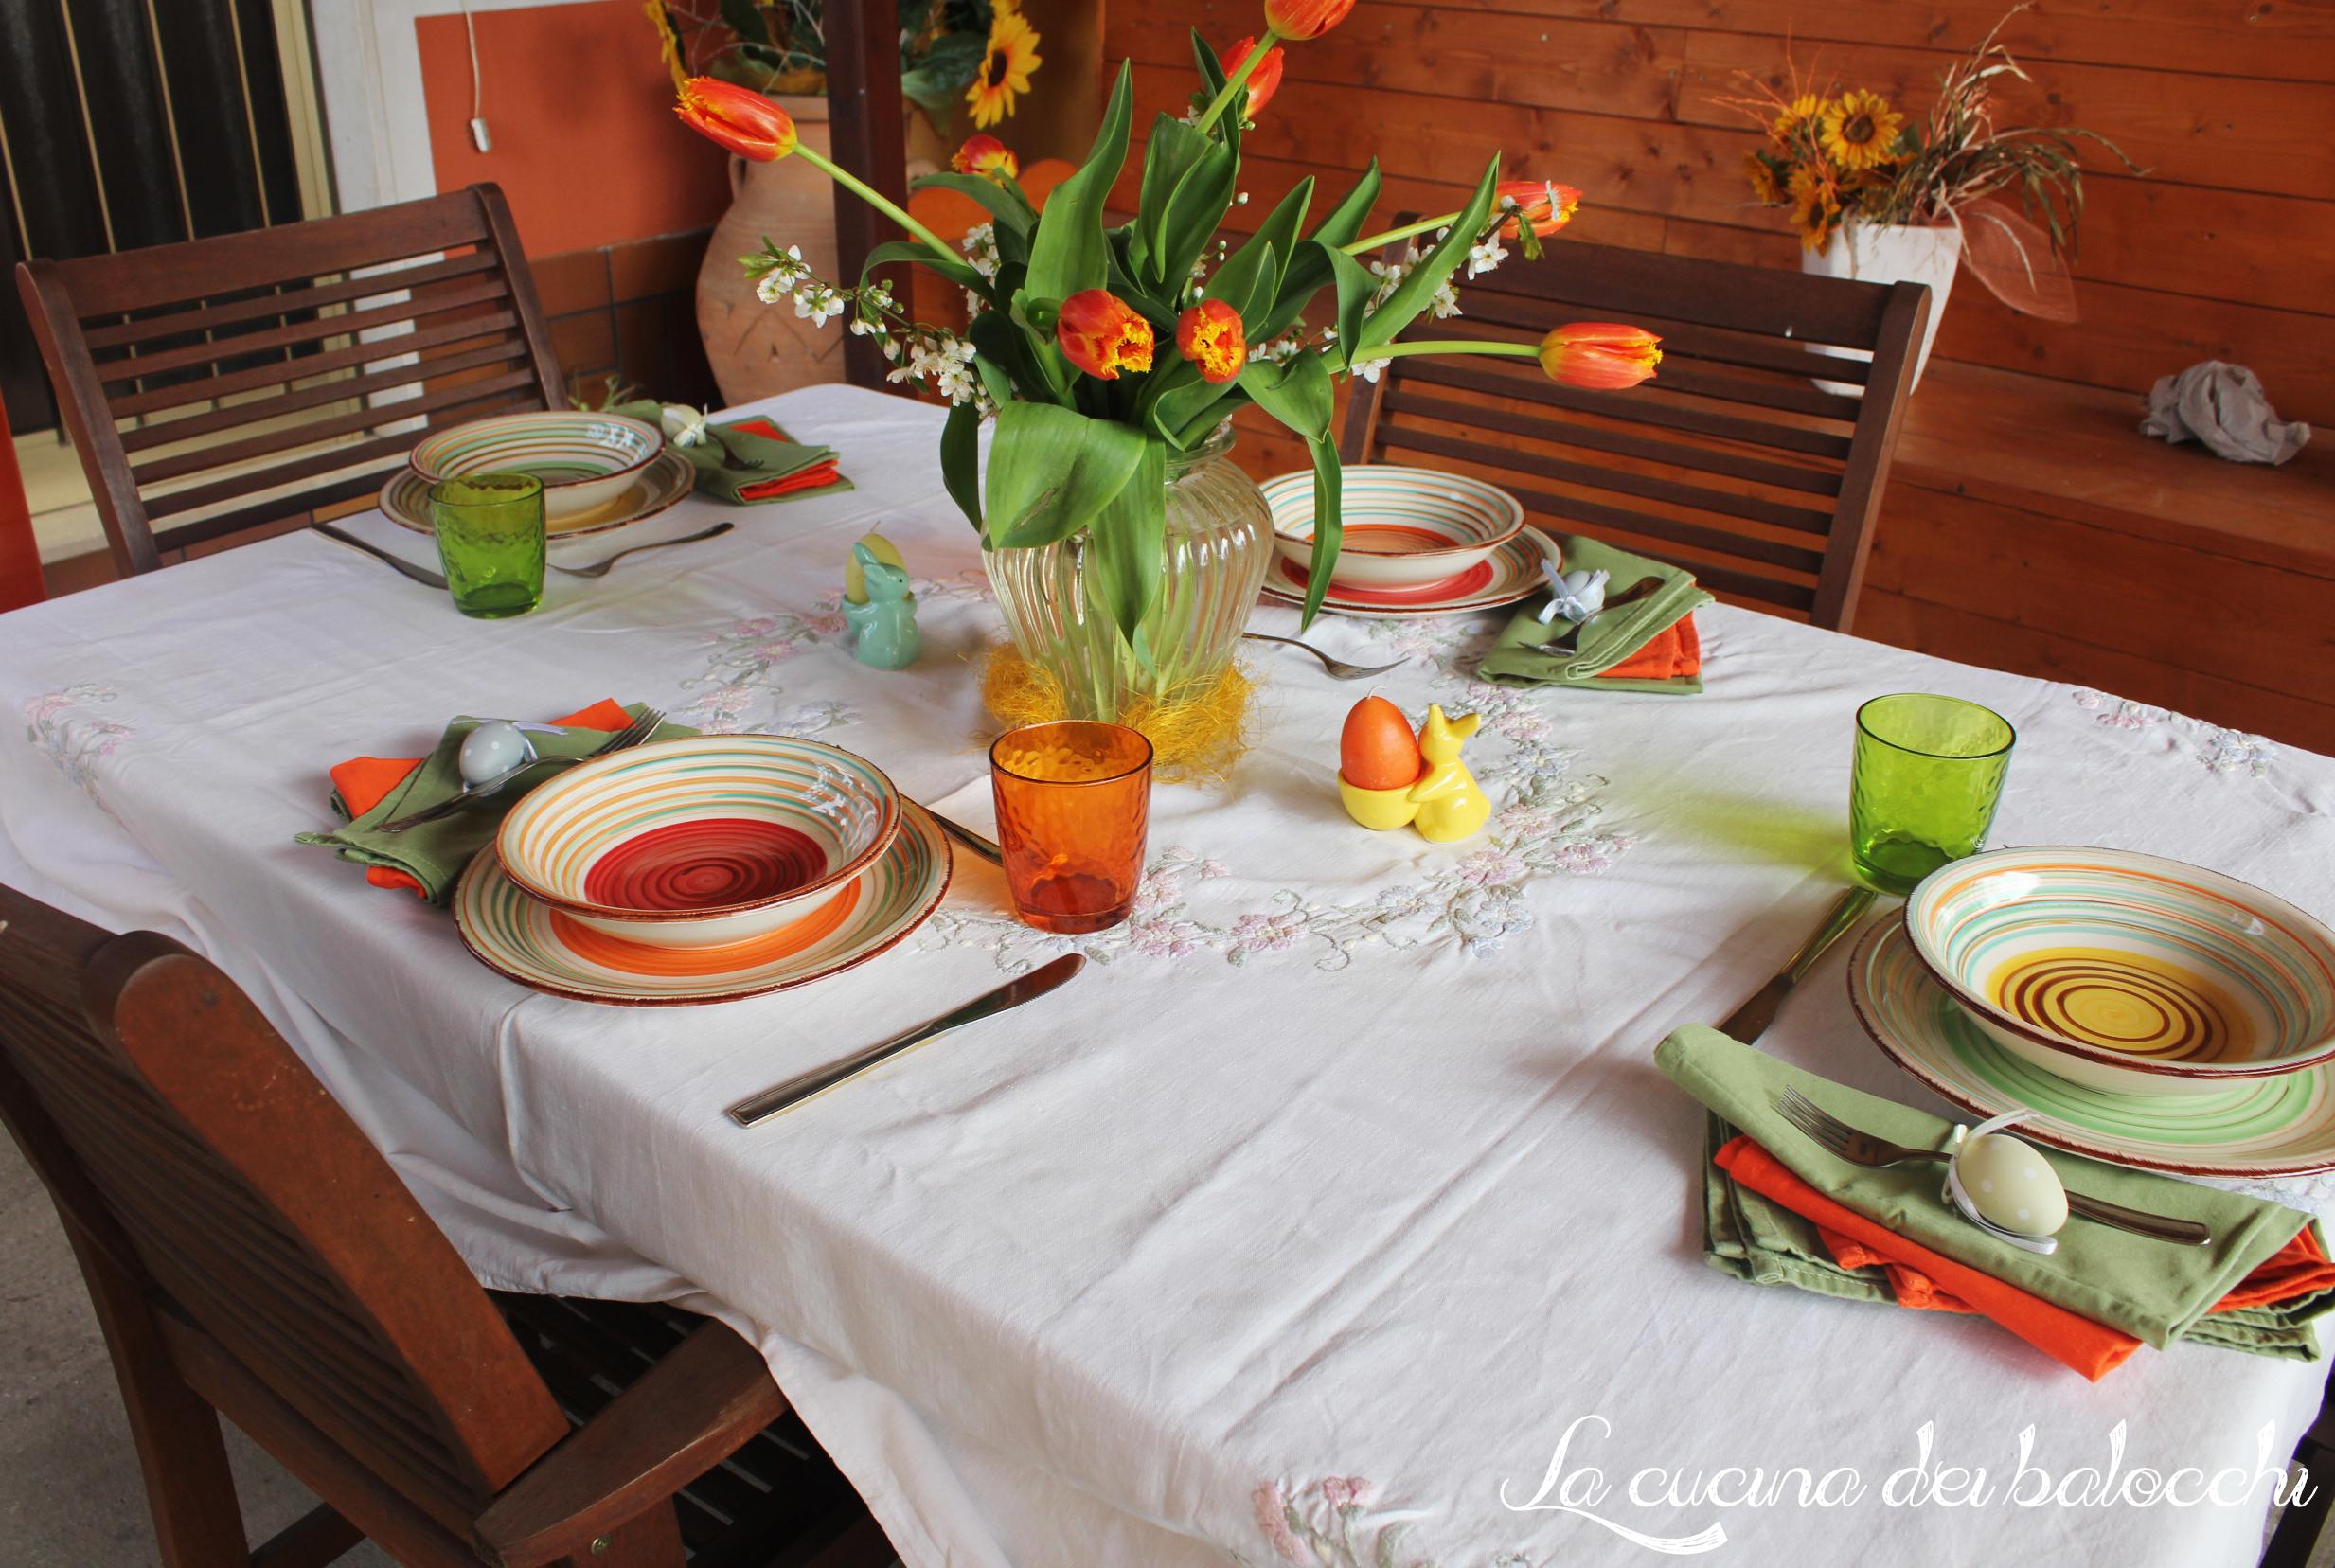 Tavola di pasqua la cucina dei balocchi - La tavola di pasqua ...